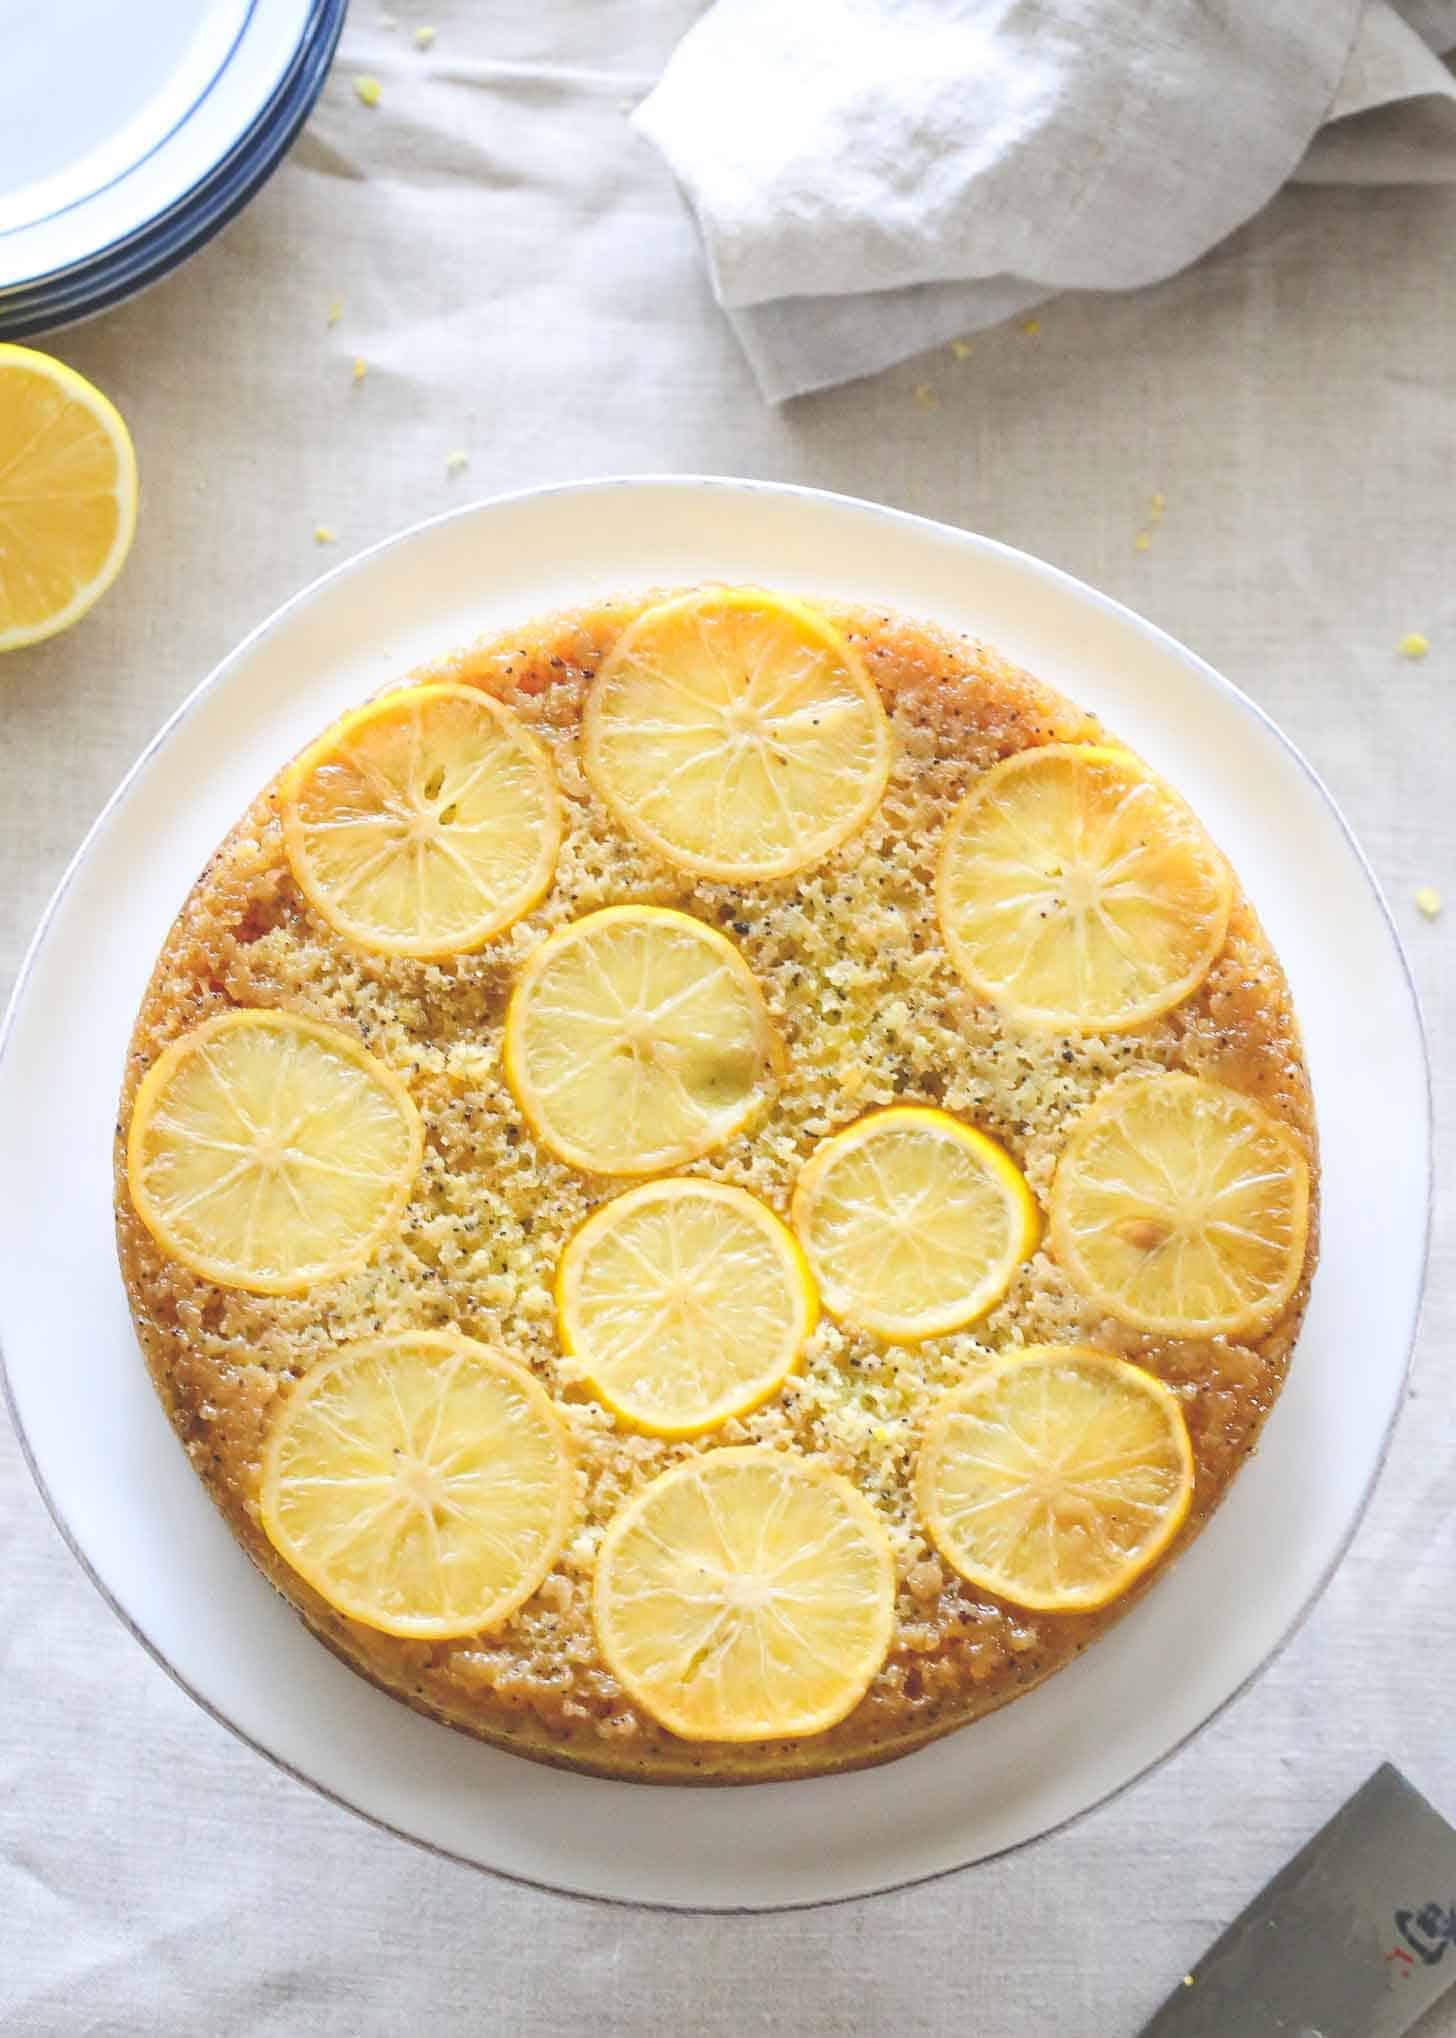 Meyer Lemon Upside Down Cake